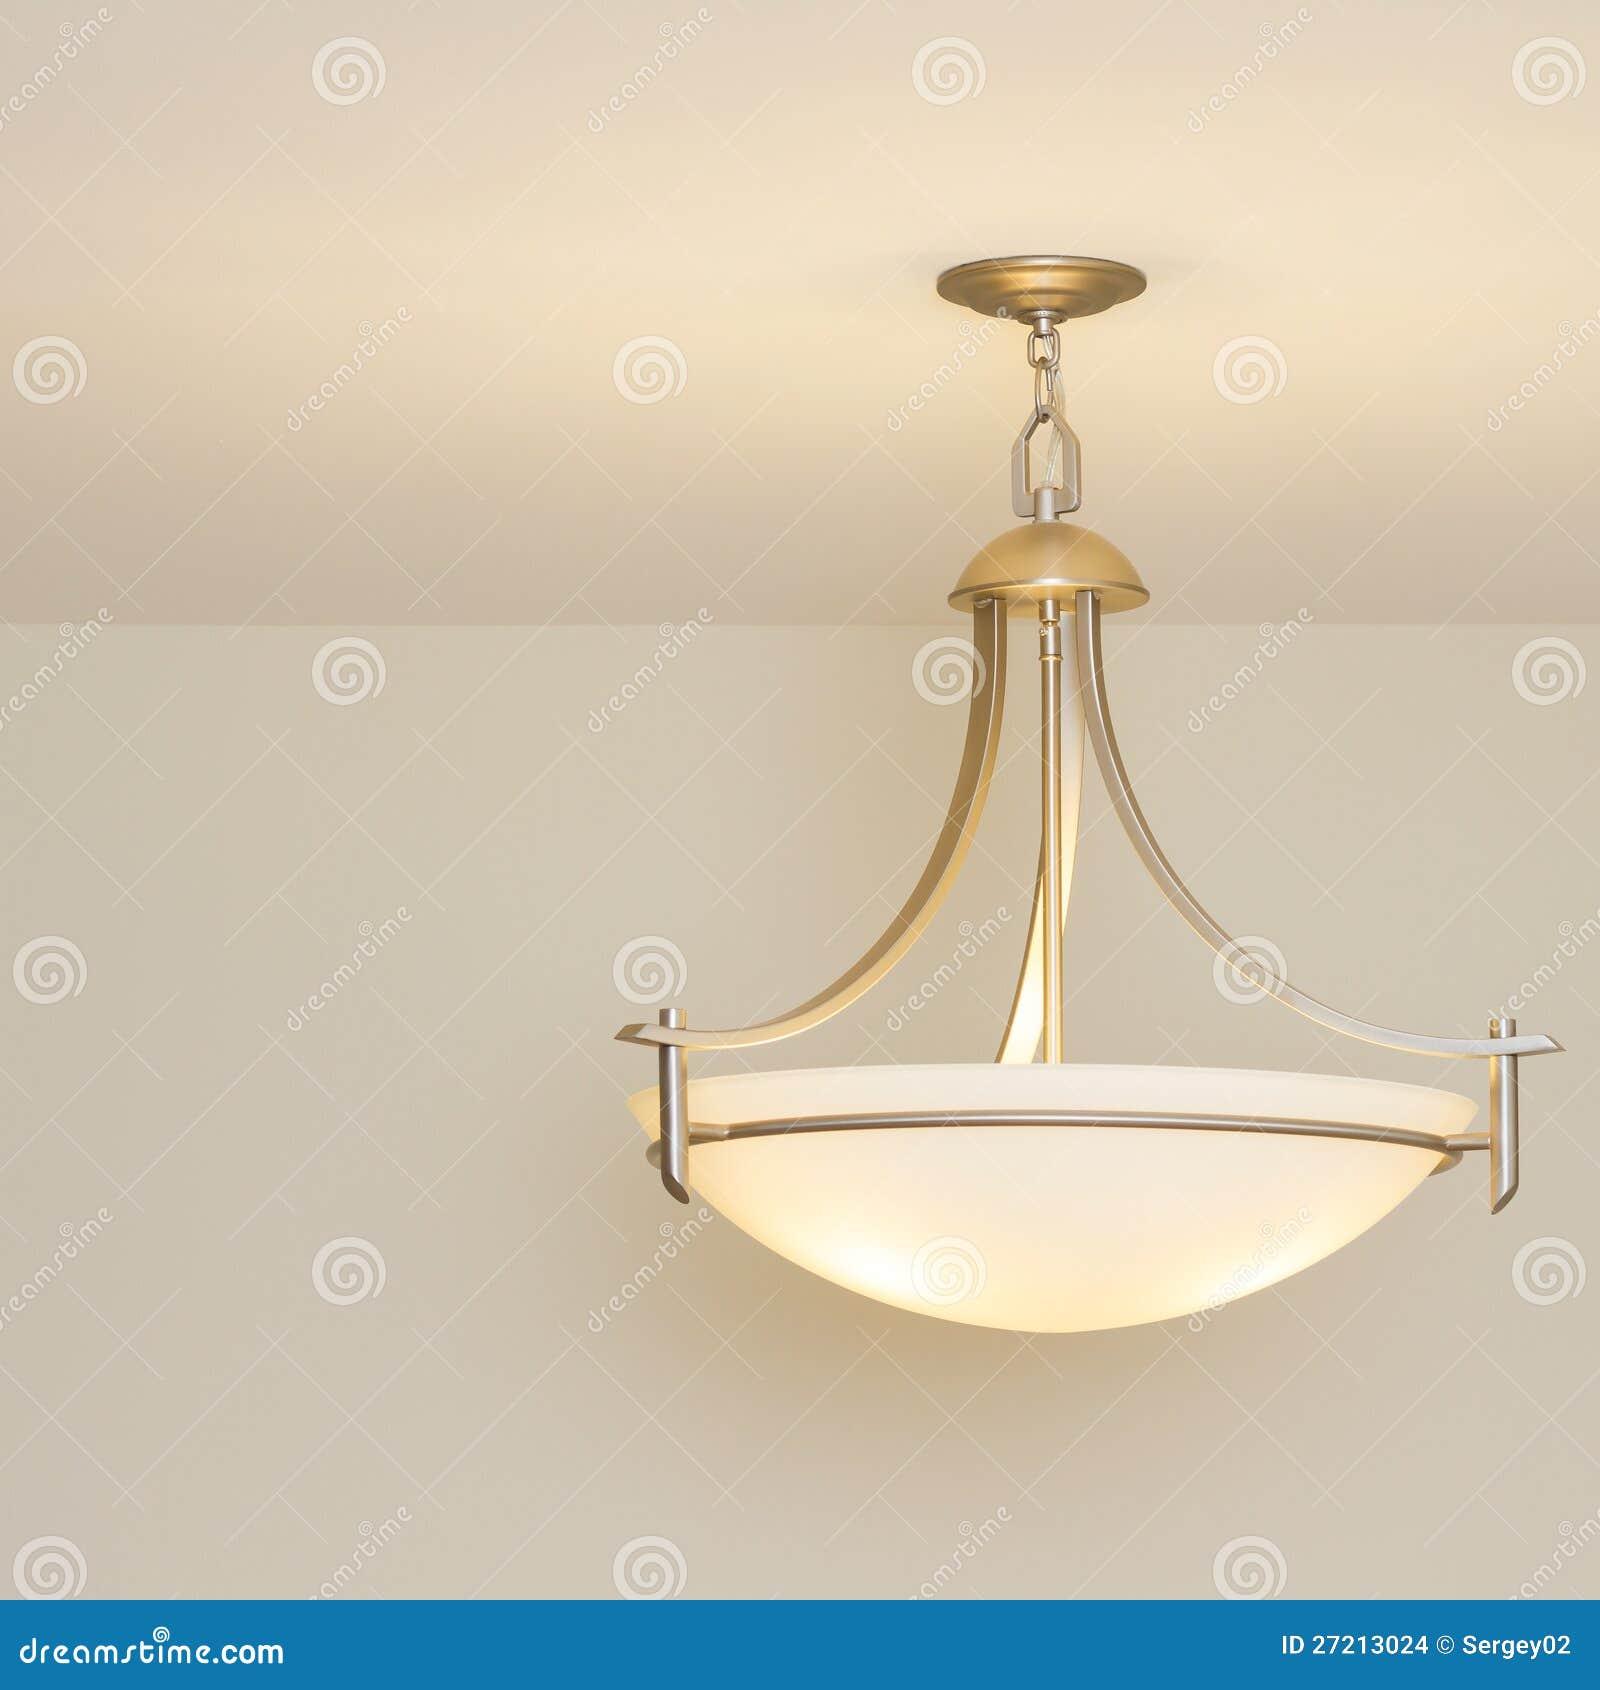 lampe de plafond images stock image 27213024. Black Bedroom Furniture Sets. Home Design Ideas